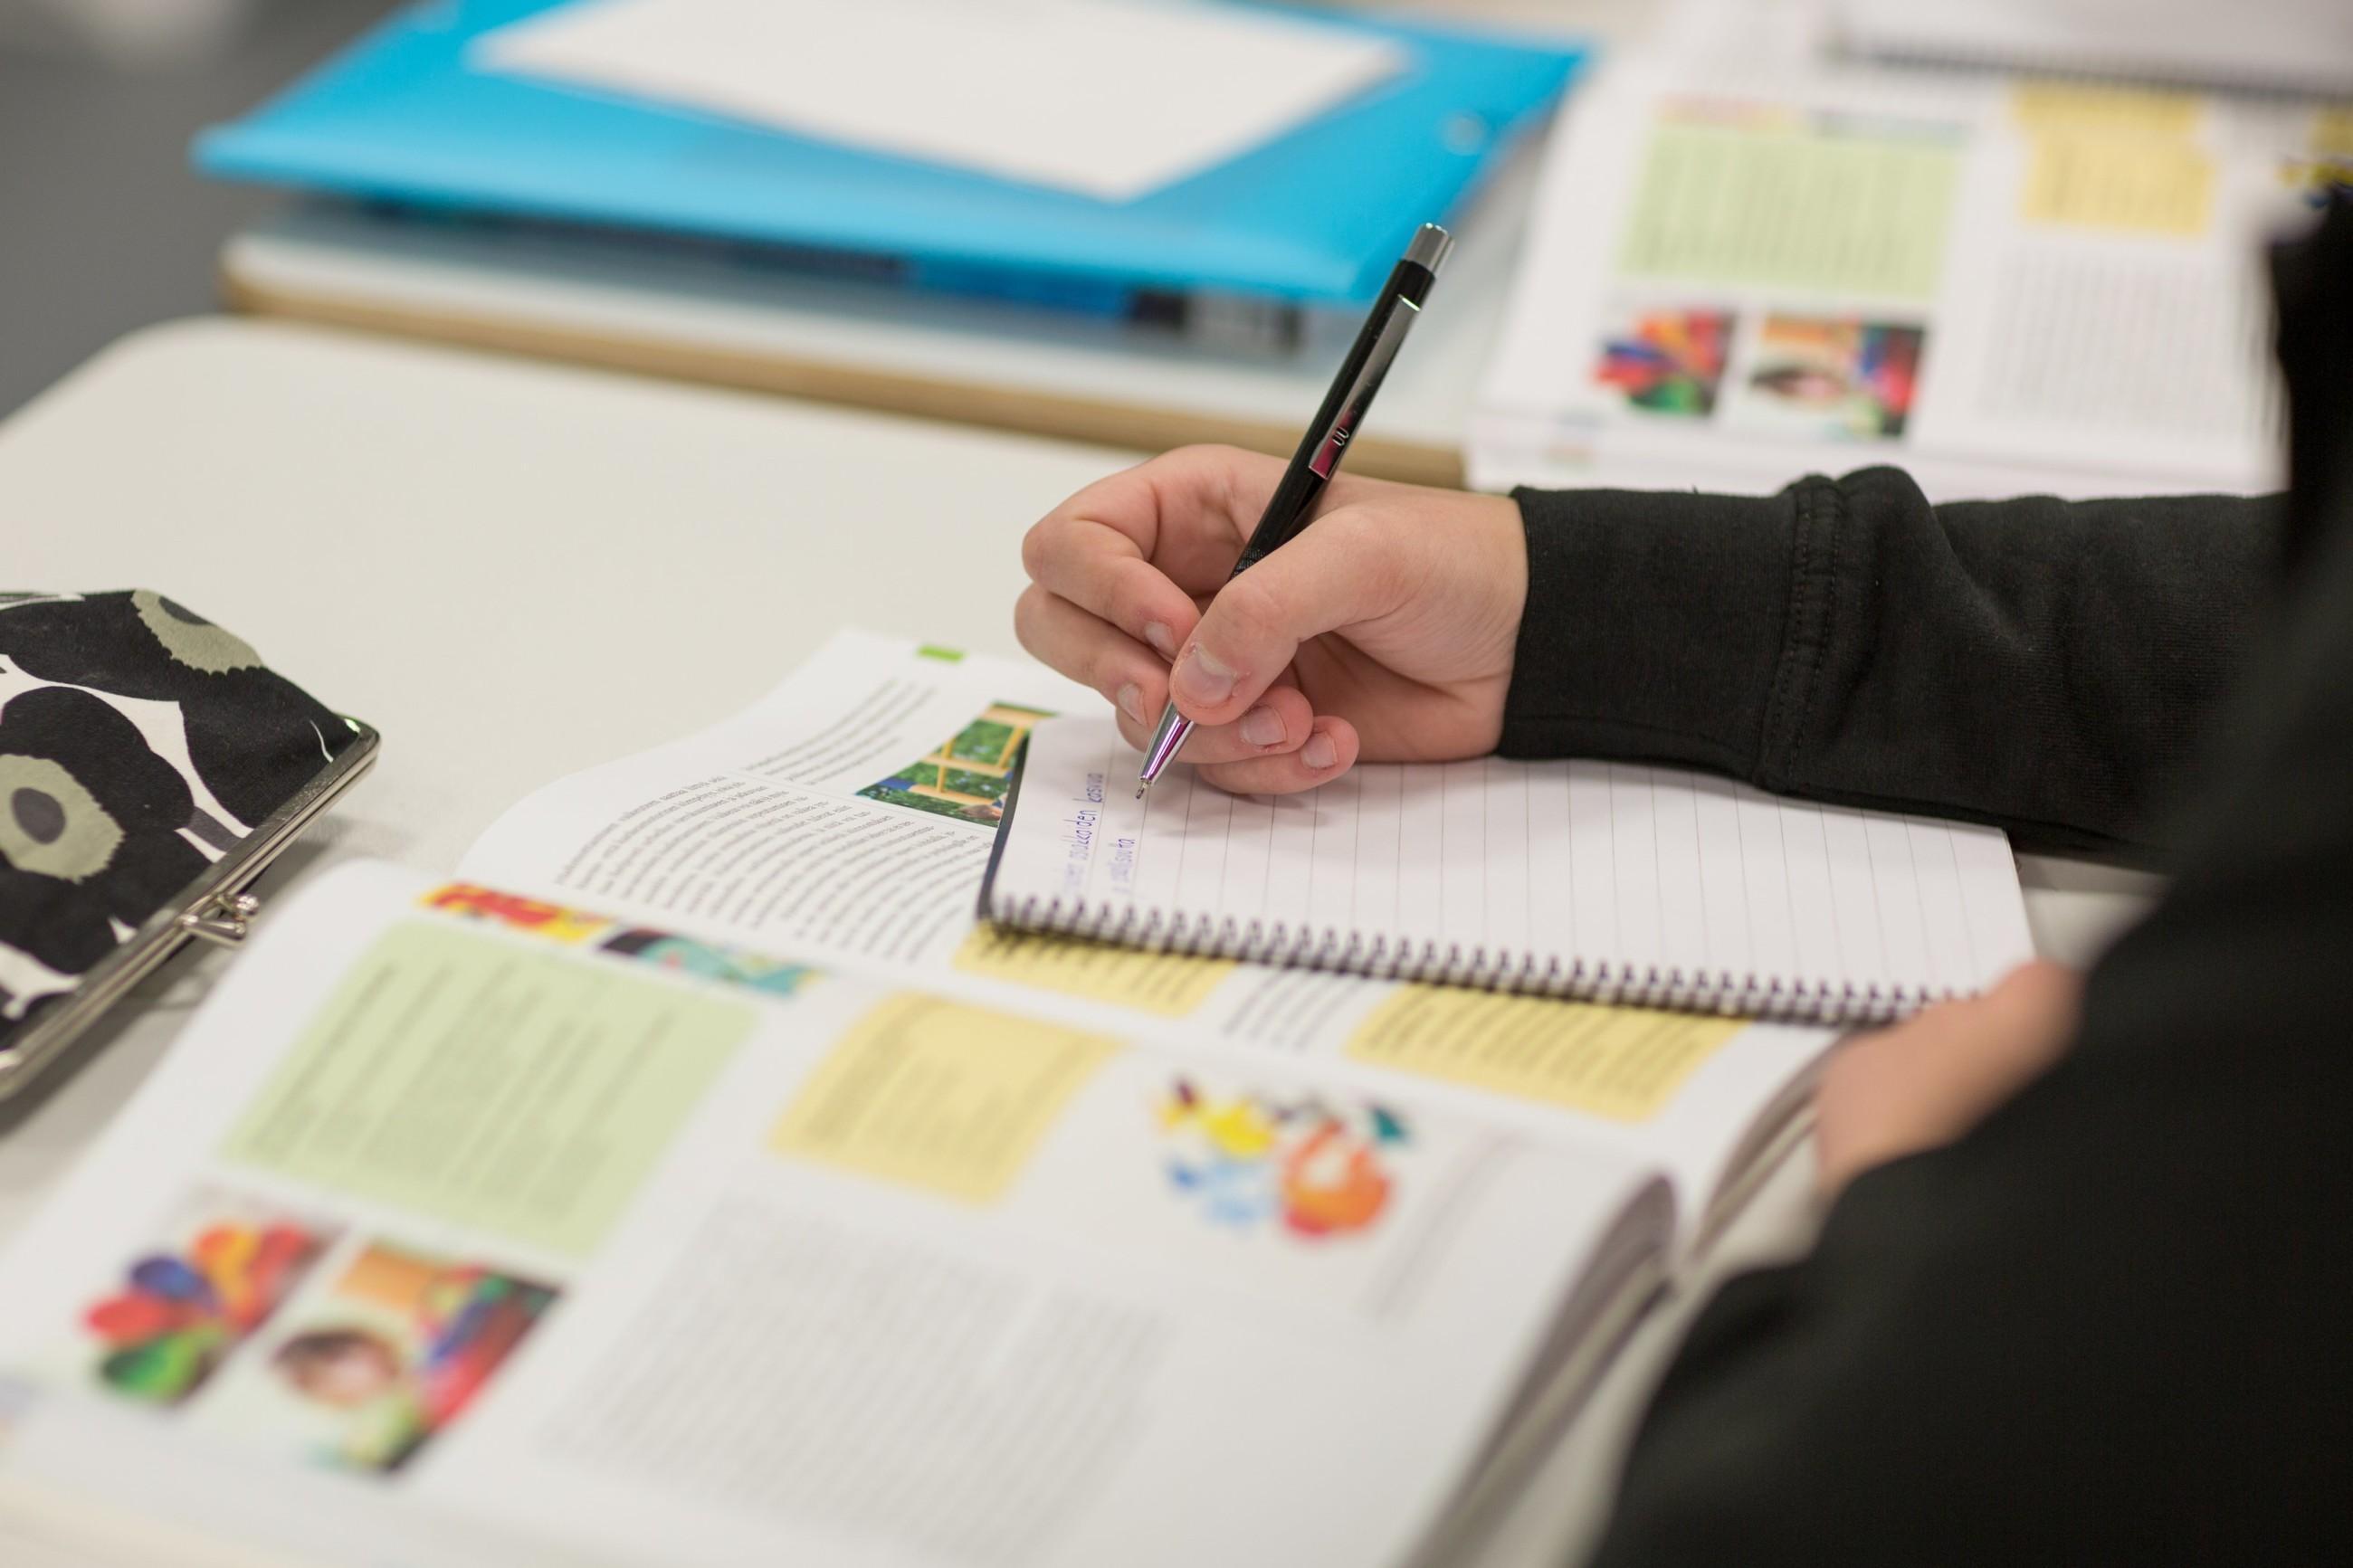 Lähikuva tilanteesta, jossa henkilö kirjoittaa muistiinpanoja vihkoon, pöydällä näkyy myös oppikirjoja ja kukallinen kynäpenaali.